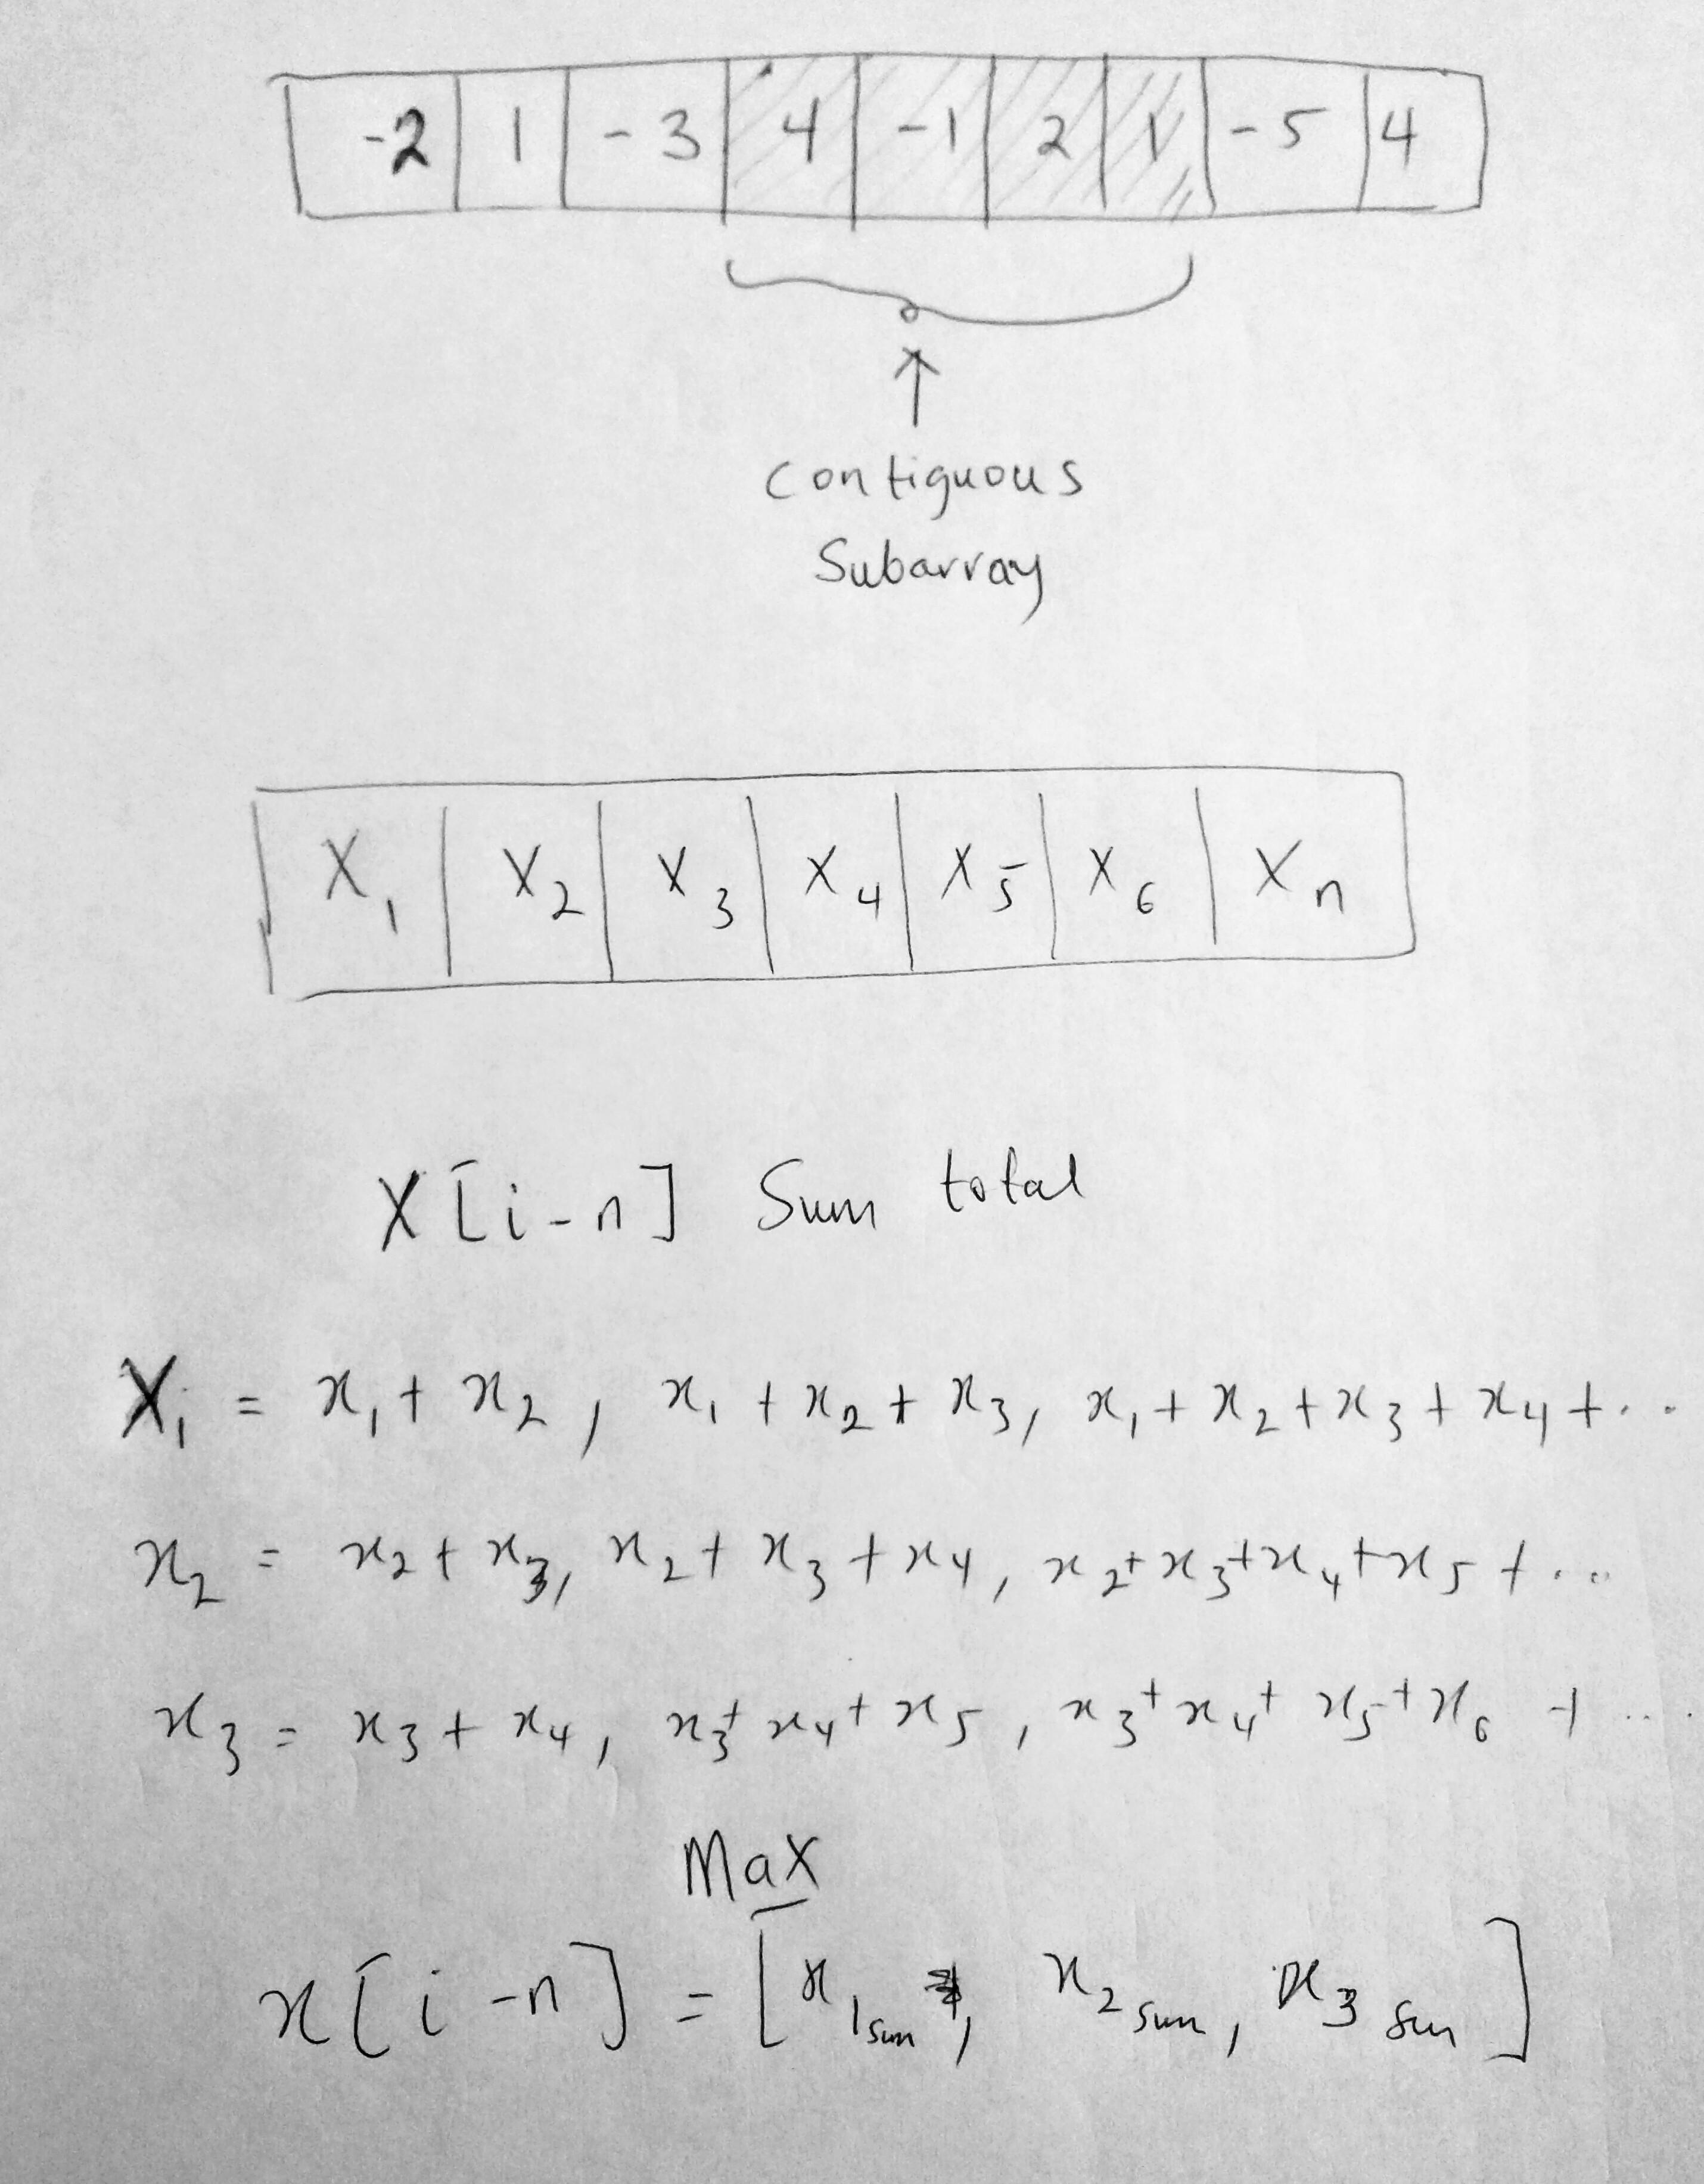 Maximum Sum Contiguous Array Javascript